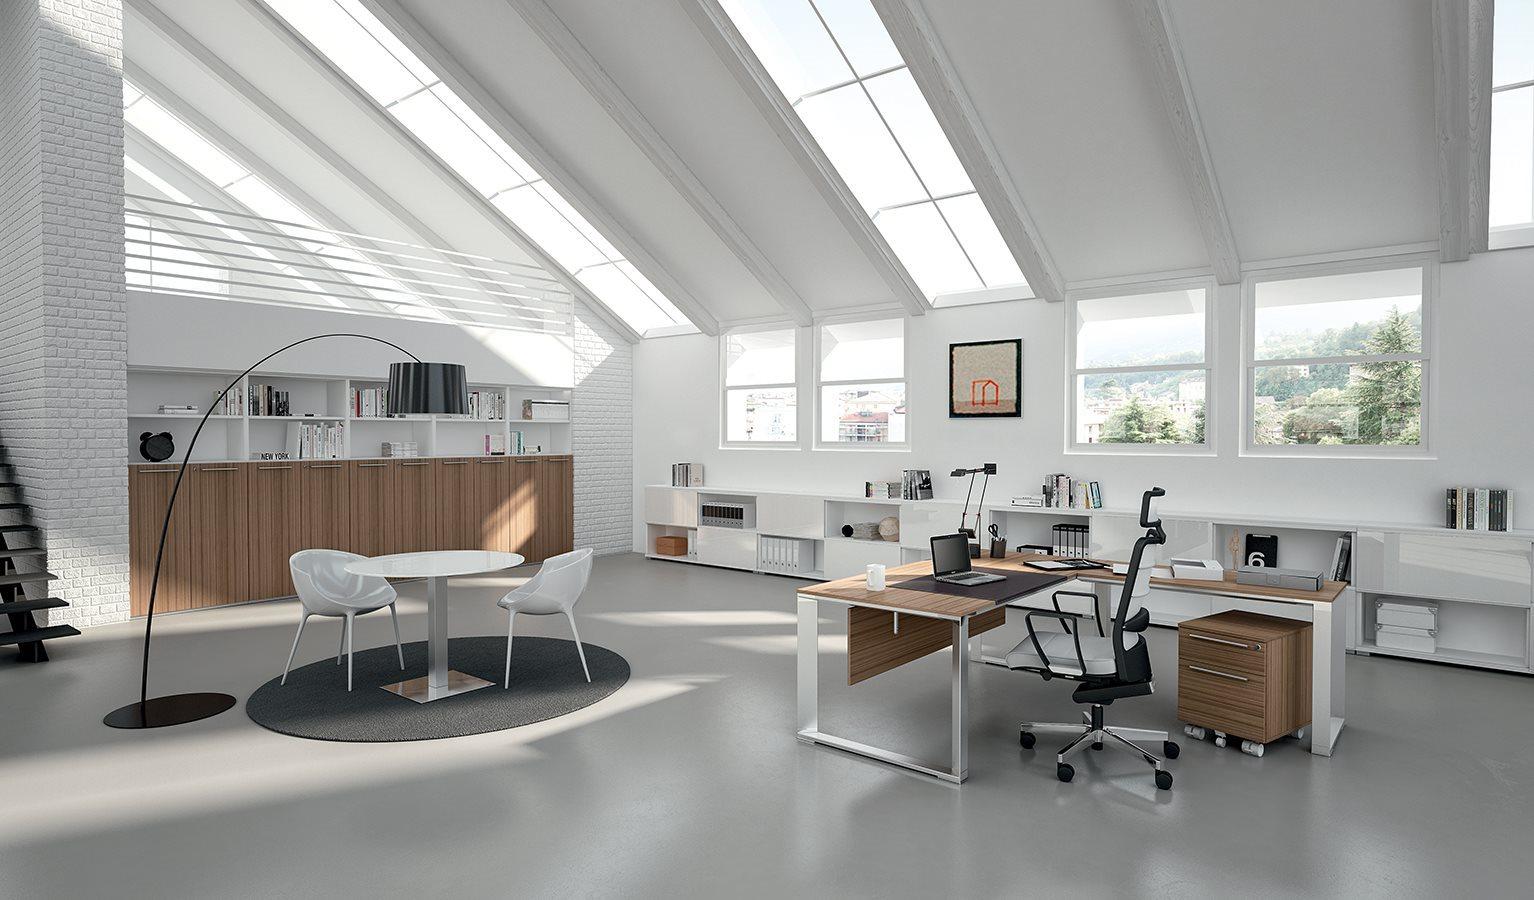 Banconi Per Ufficio Nep : Mobili per ufficio moderni arredamento studio legale usato avec